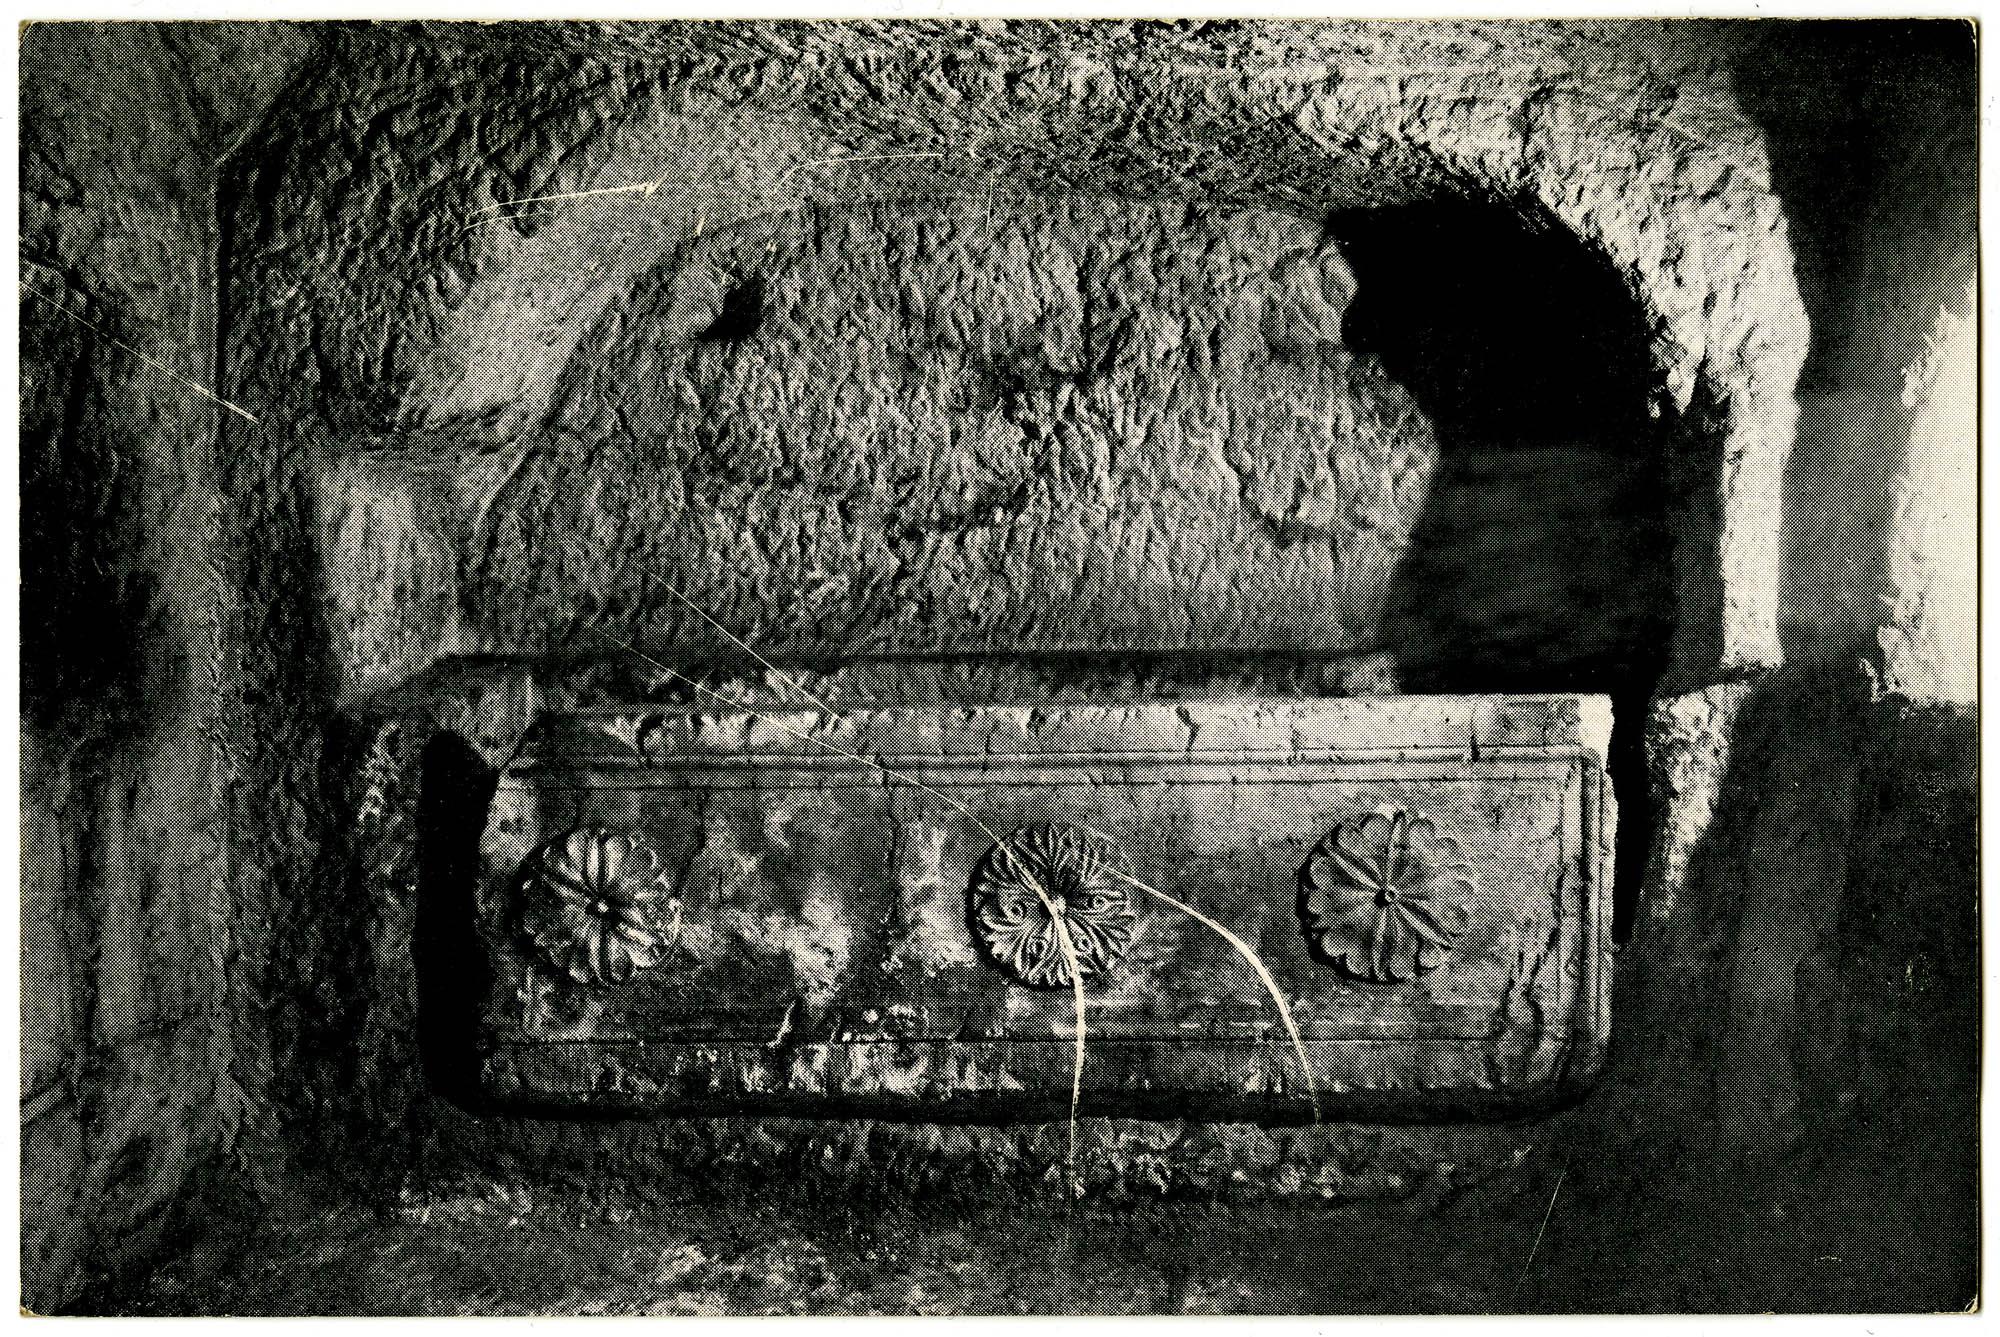 ירושלים, סנהדריה / Jerusalem, Sanhedriyya